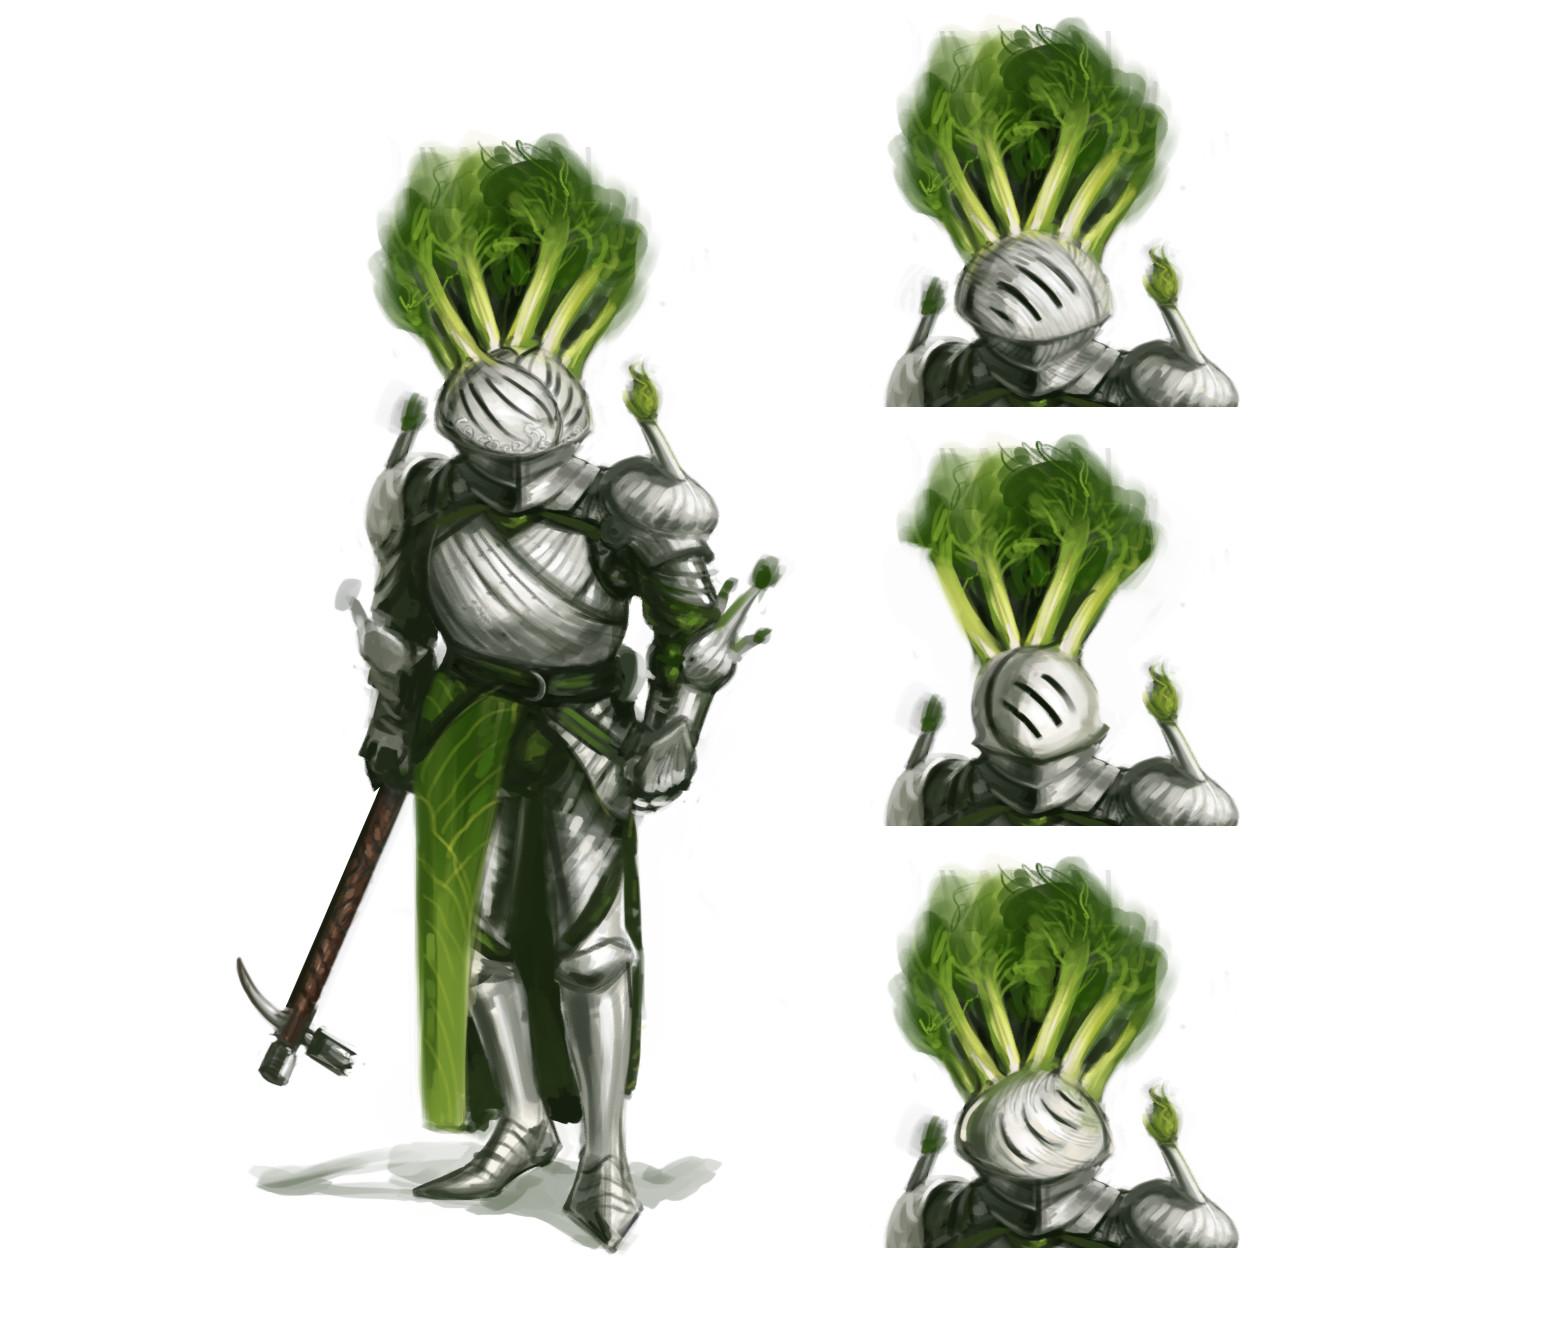 Carlo spagnola sir fennel